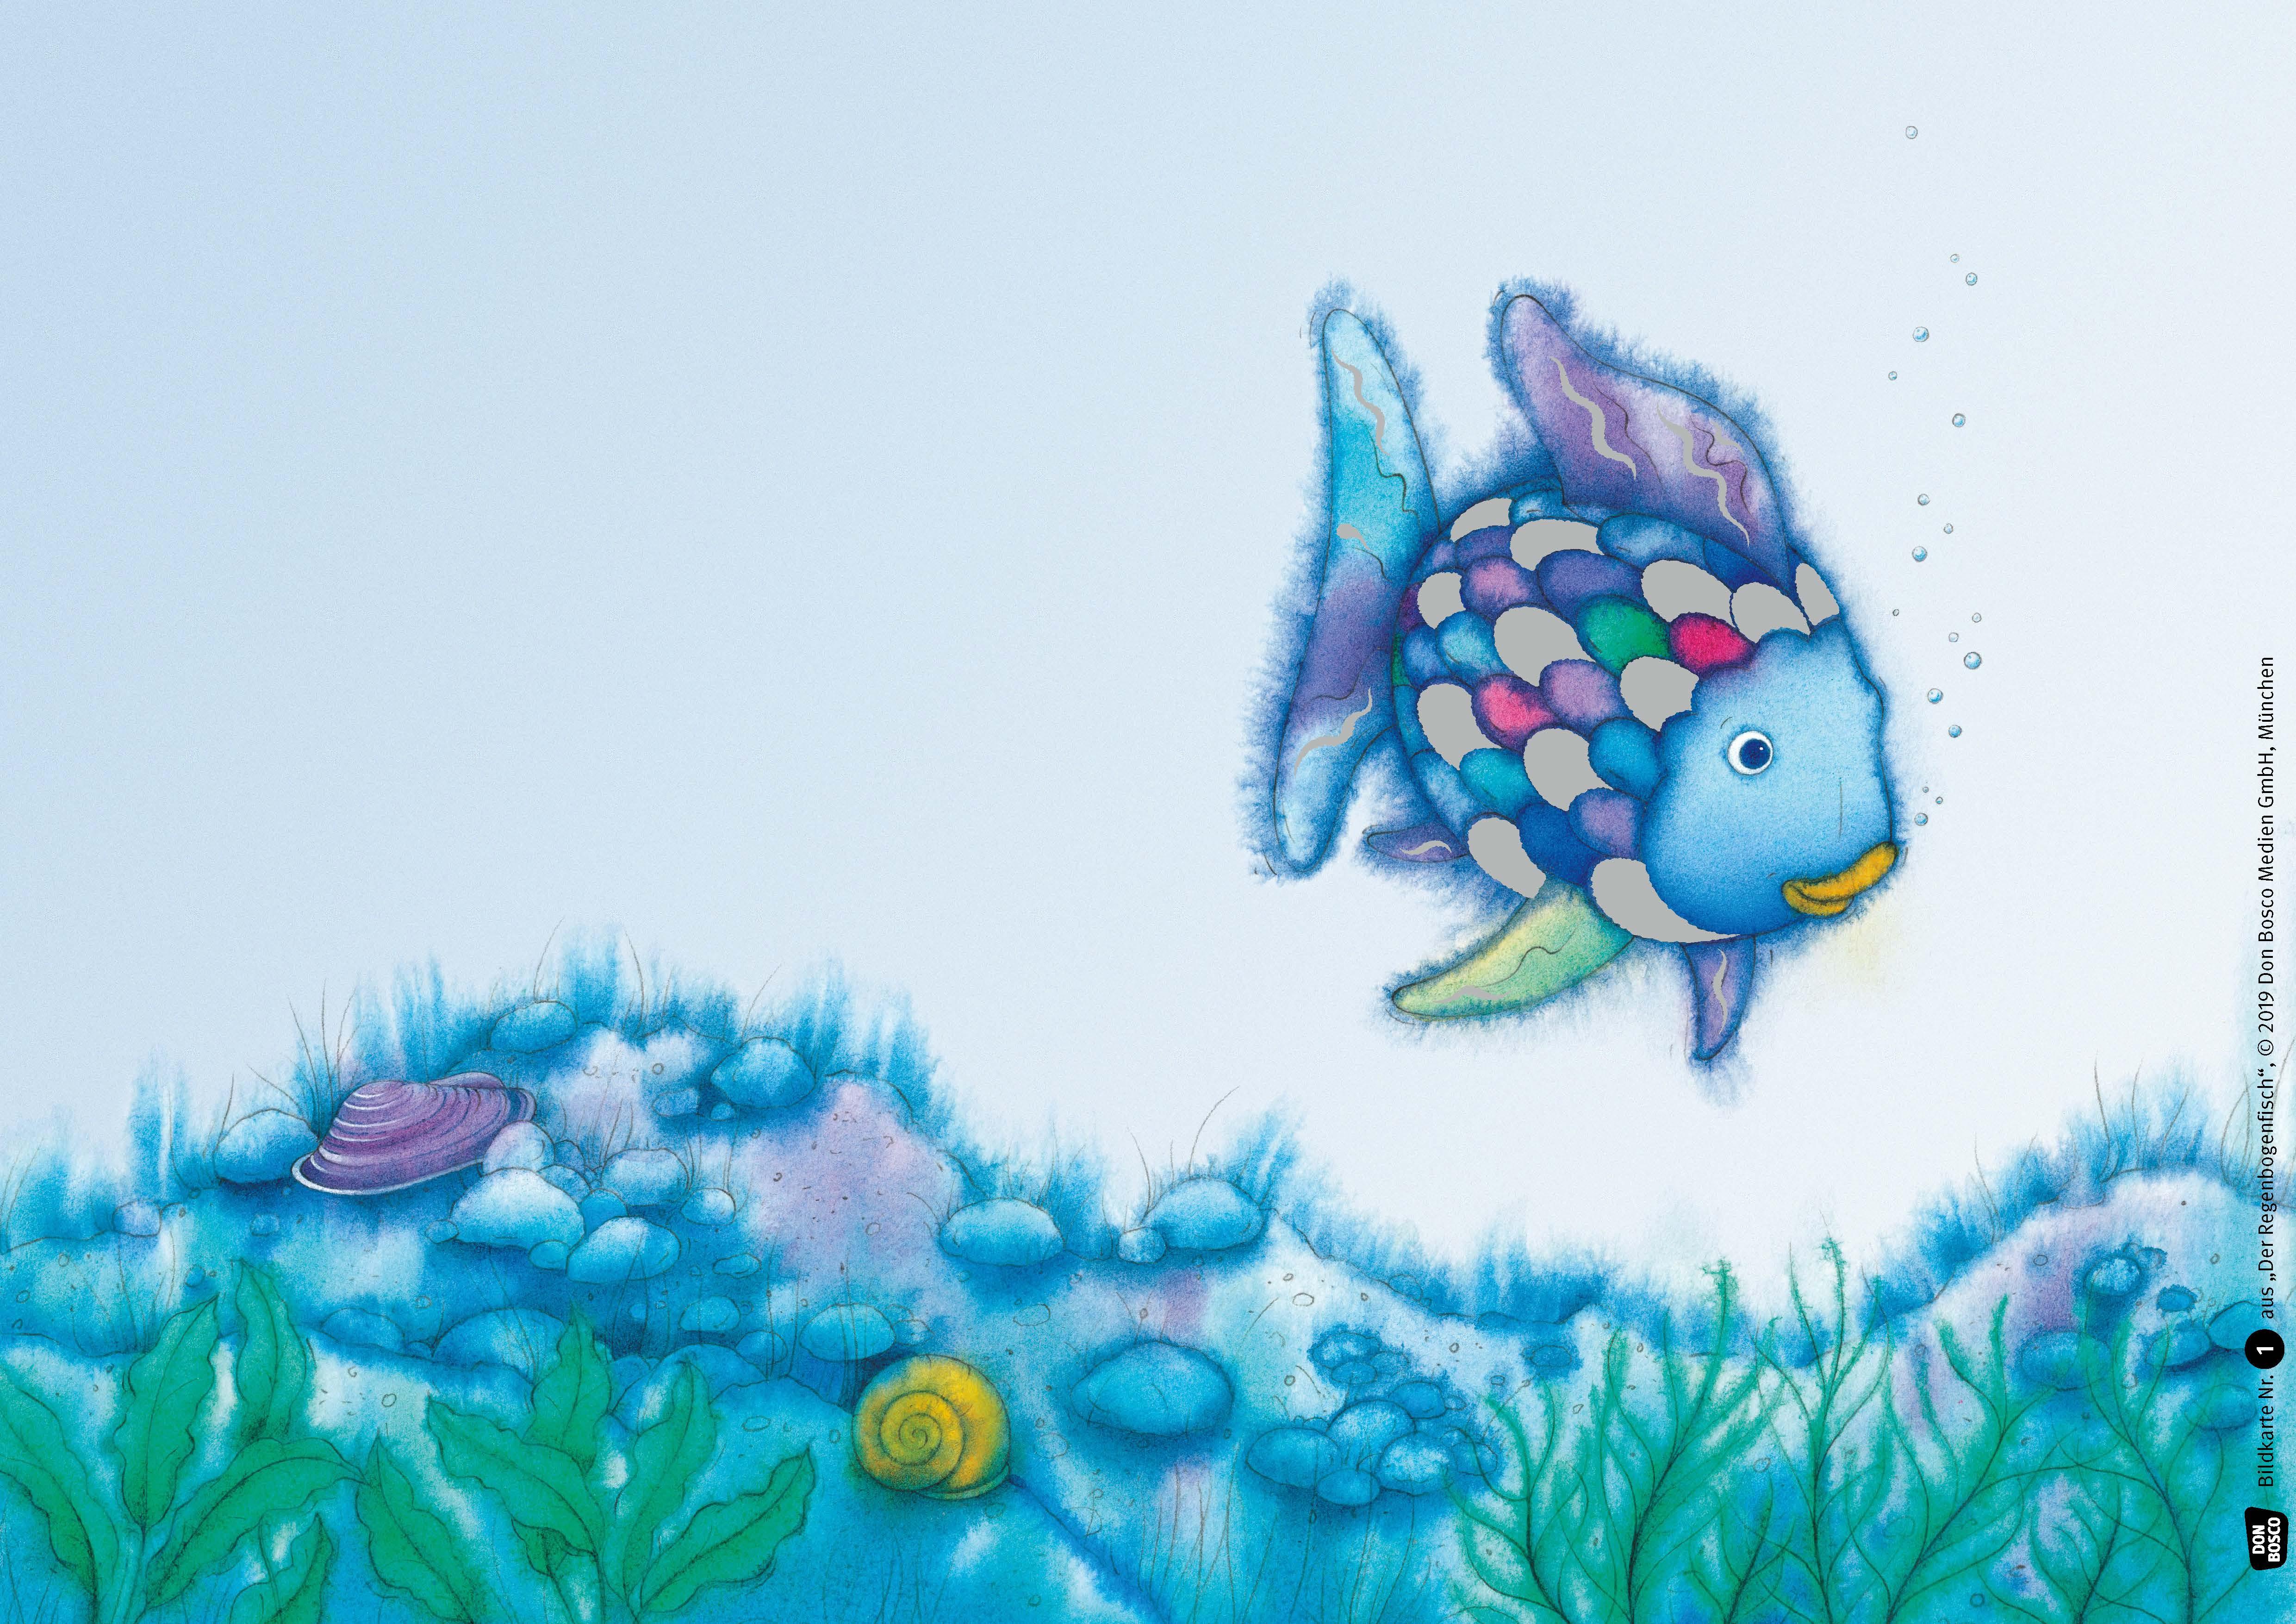 Innenansicht zu Der Regenbogenfisch, m. schillernden Schuppen. Kamishibai Bildkartenset.